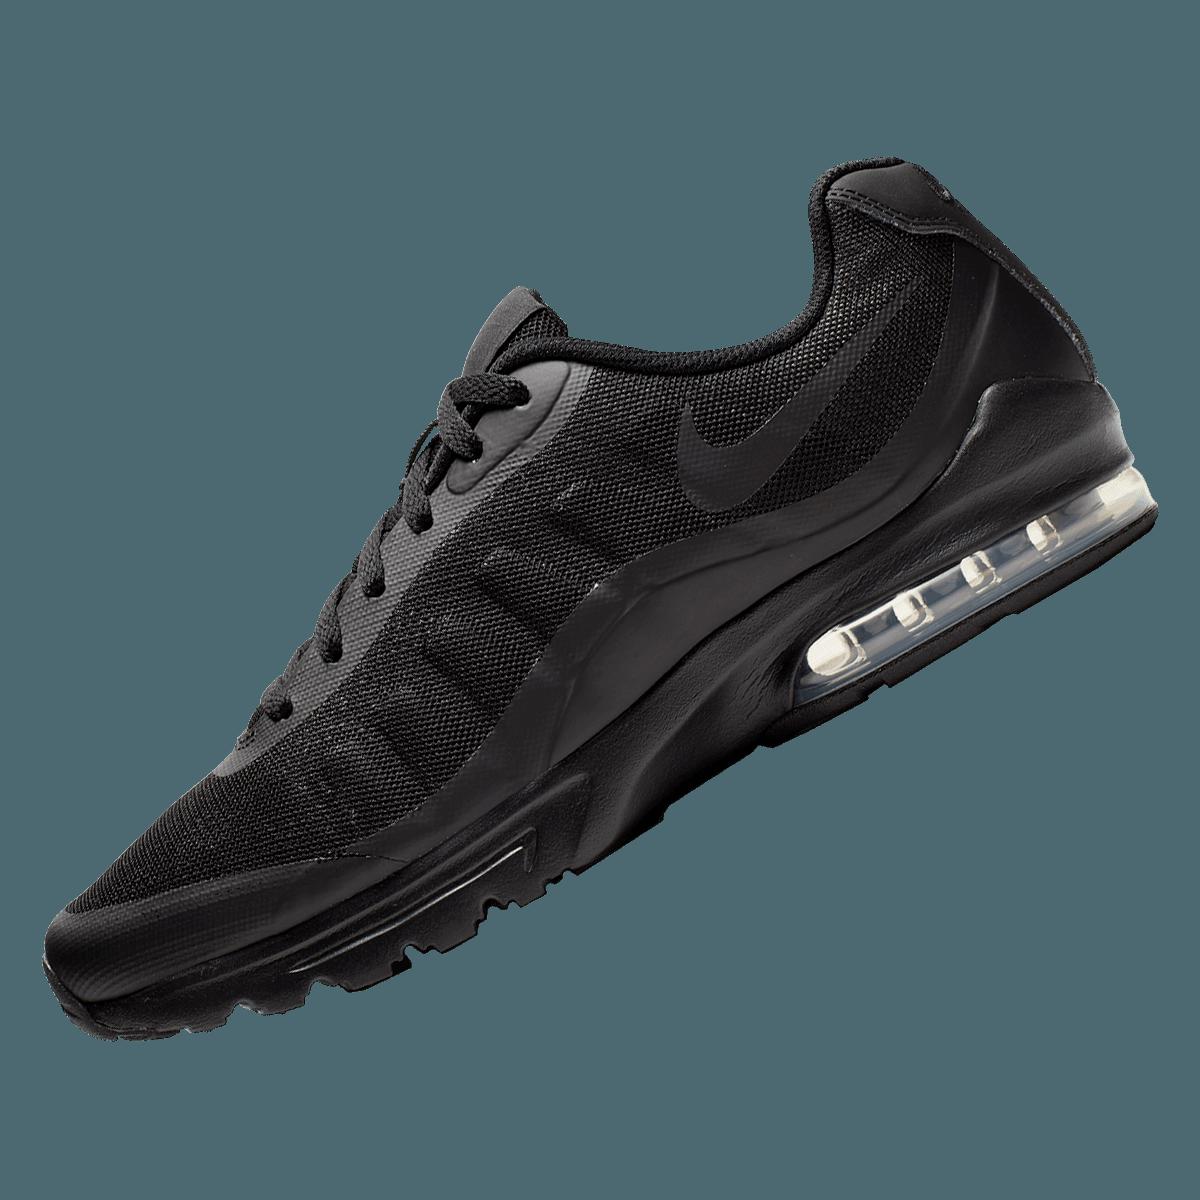 Nike hardloopschoenen Air Max Invigor zwartantraciet